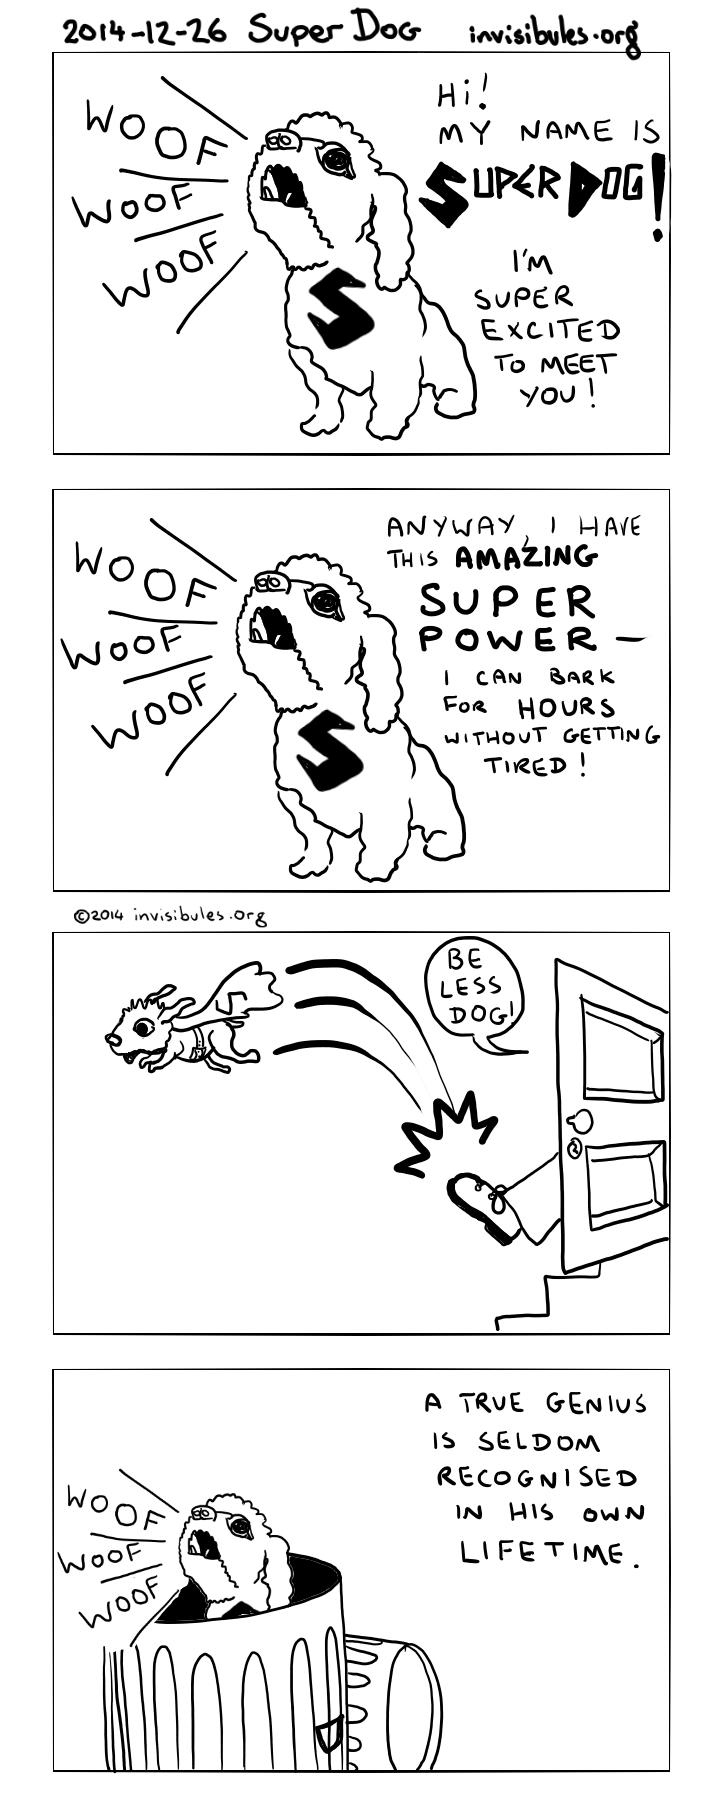 2014-12-26 Super Dog